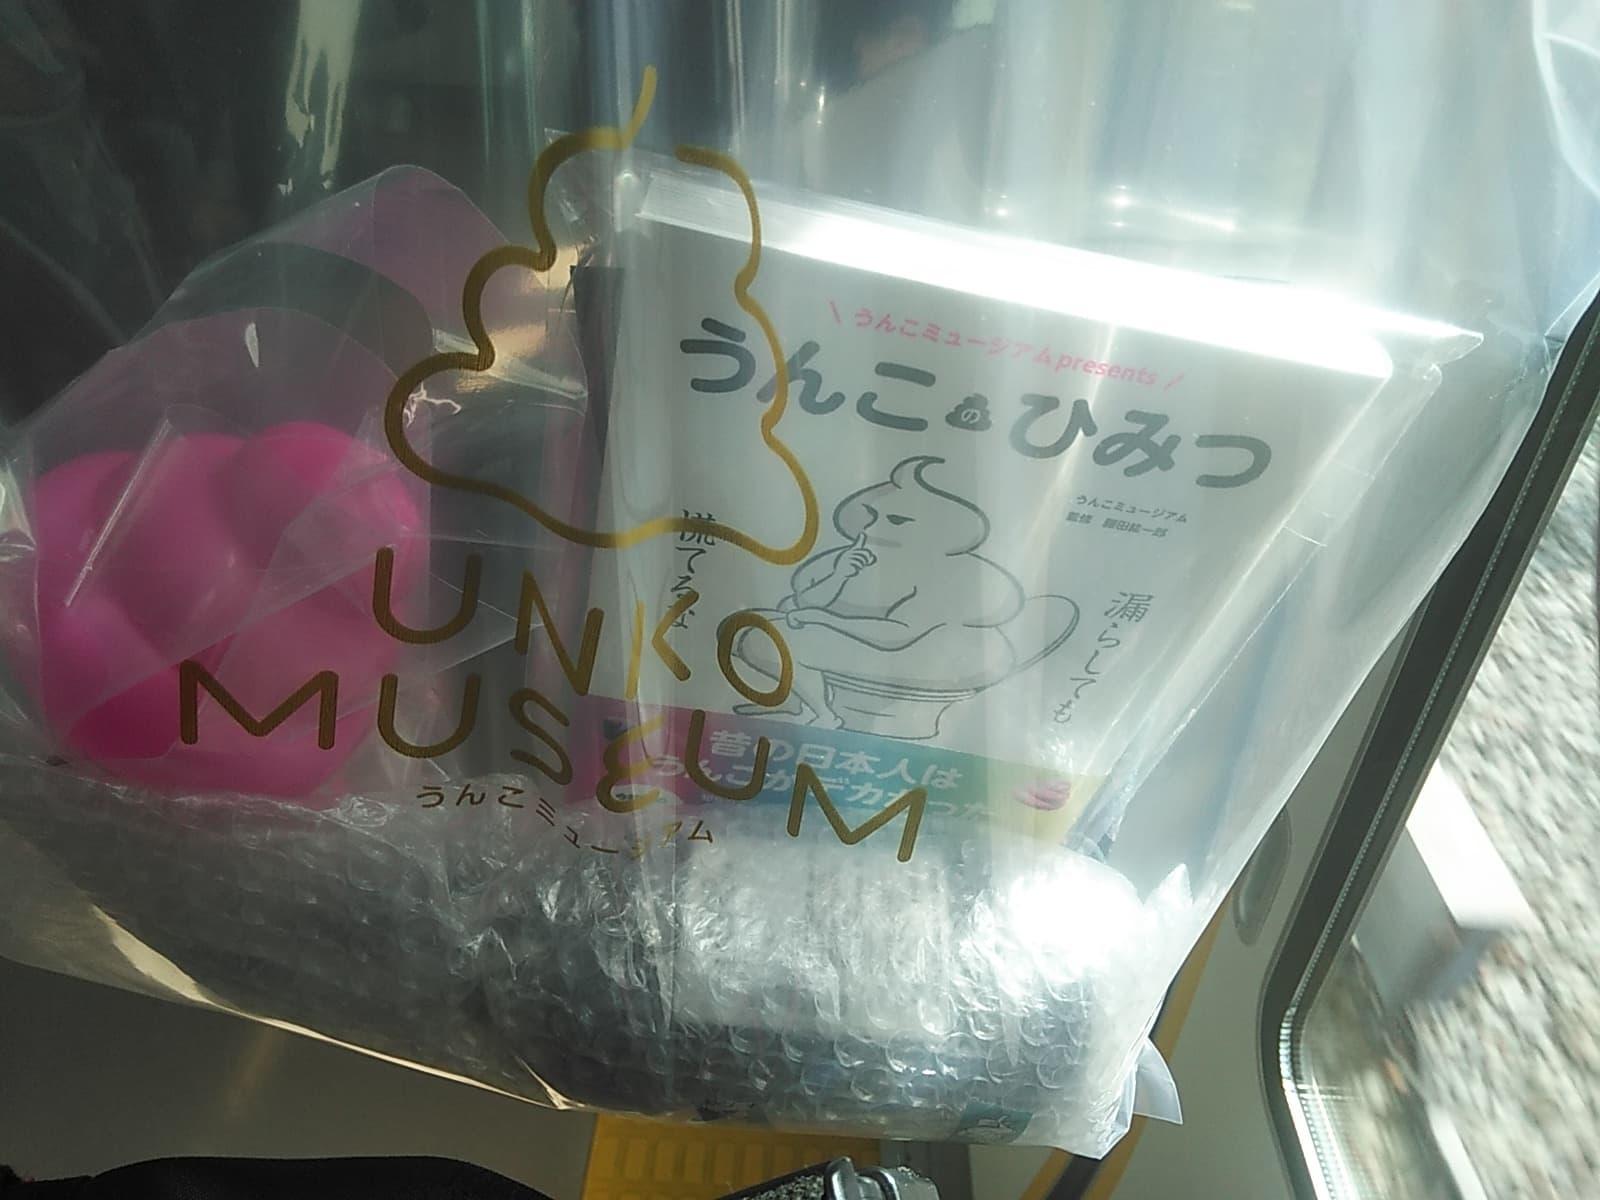 うんこミュージアムの買い物袋が透明なのは 理由があるはずだ。それはきっと、